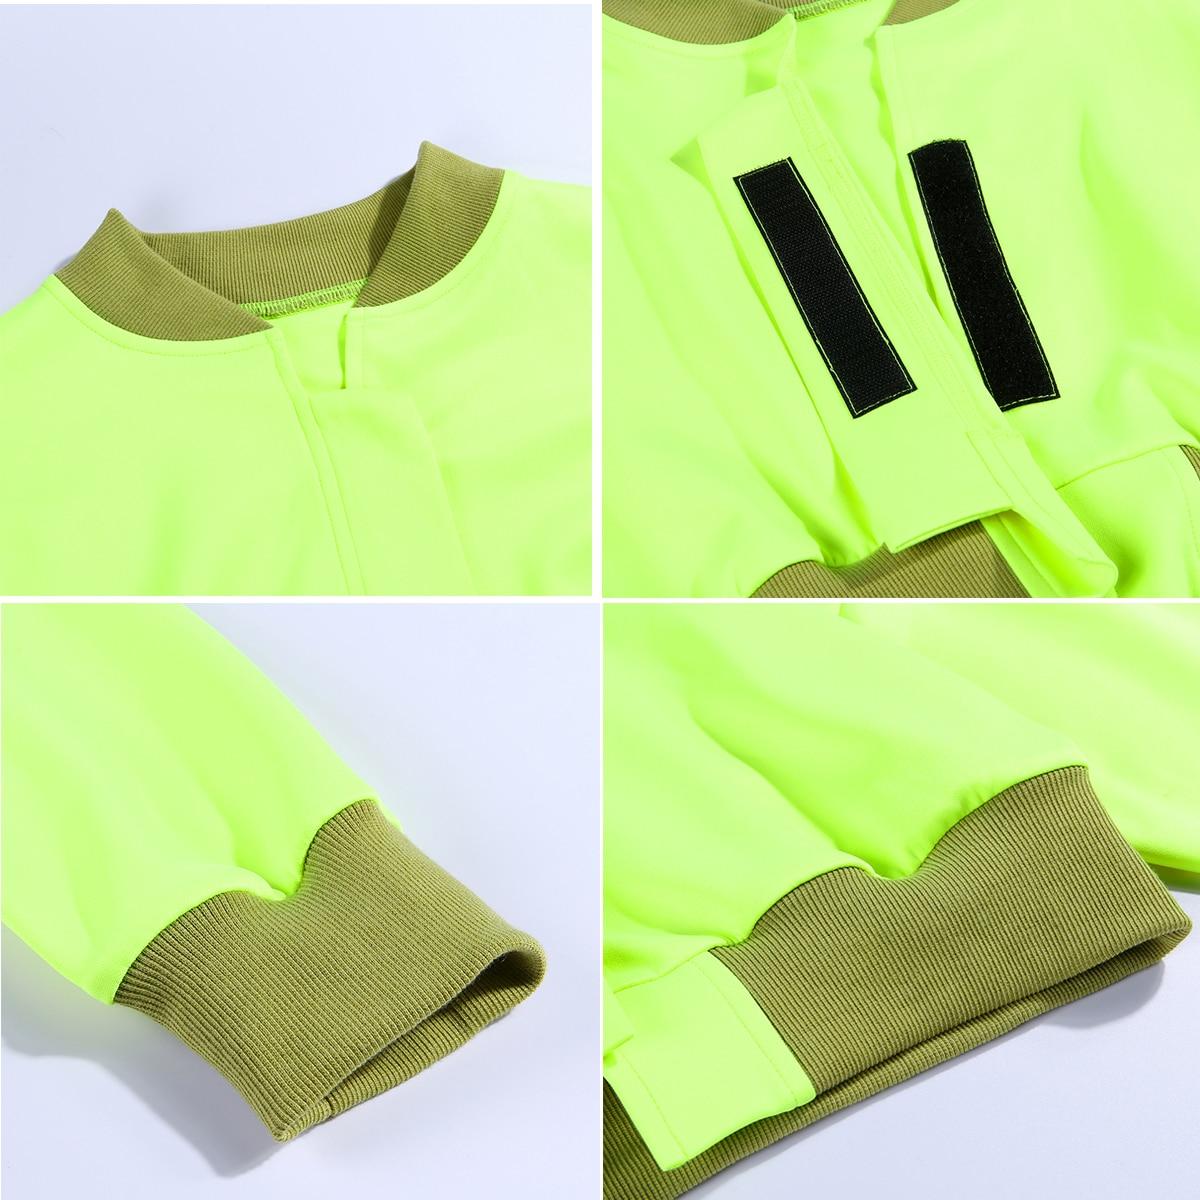 He9b740e551c94e13a0c3a64093eb0fee7 Neon Green Cropped Jacket Women Streetwear Outwear Windbreaker Bomber Baseball Coats and Jackets Autumn 2019